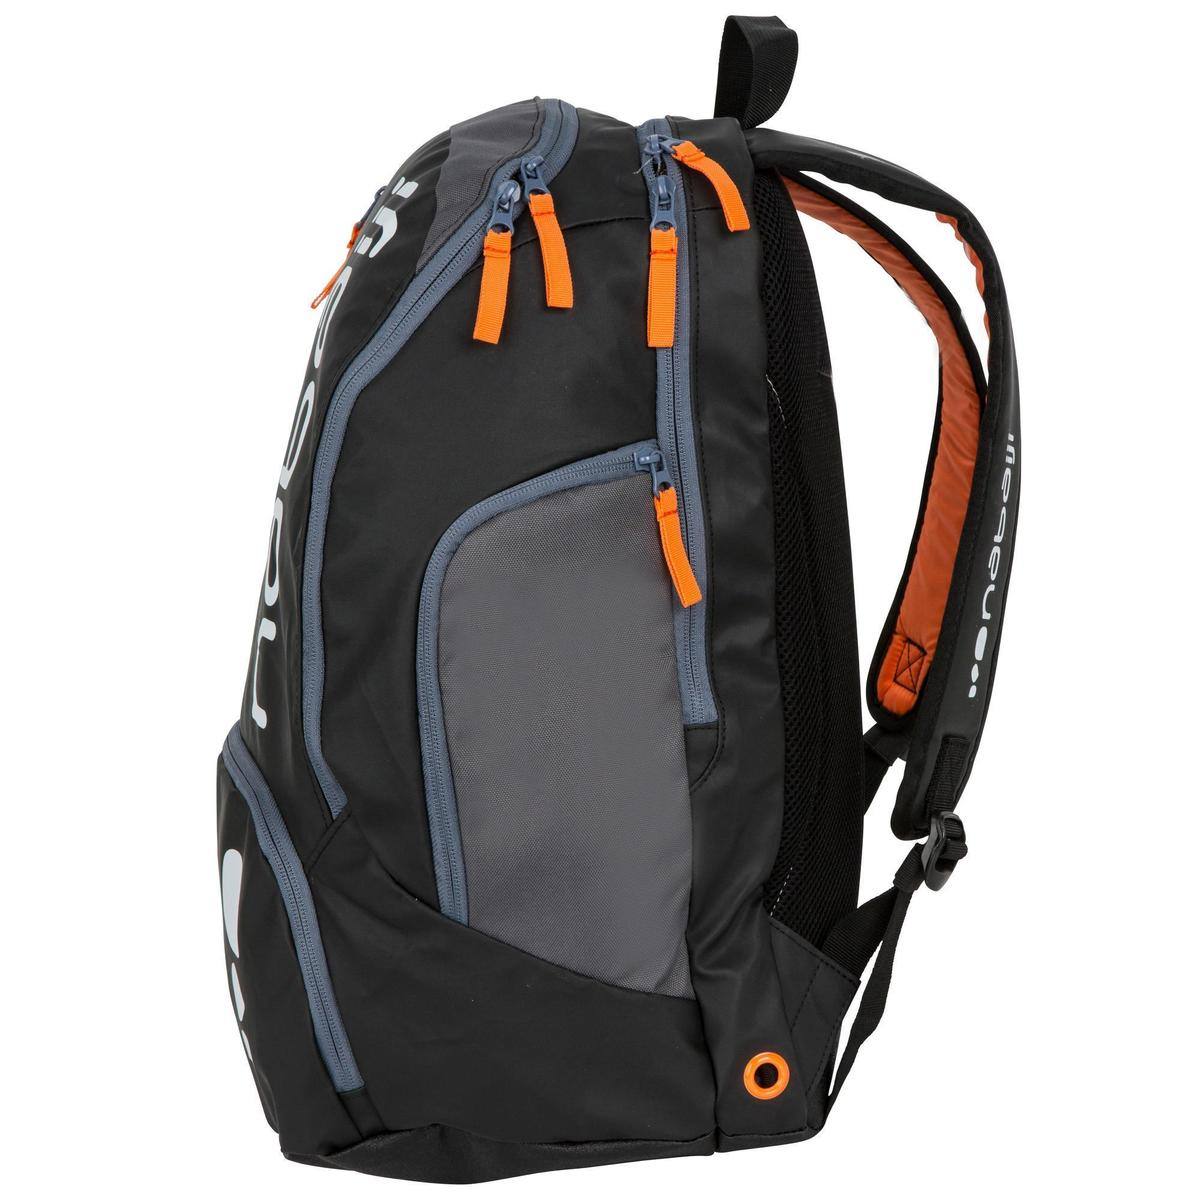 Bild 4 von Schwimmrucksack 34 L schwarz/orange